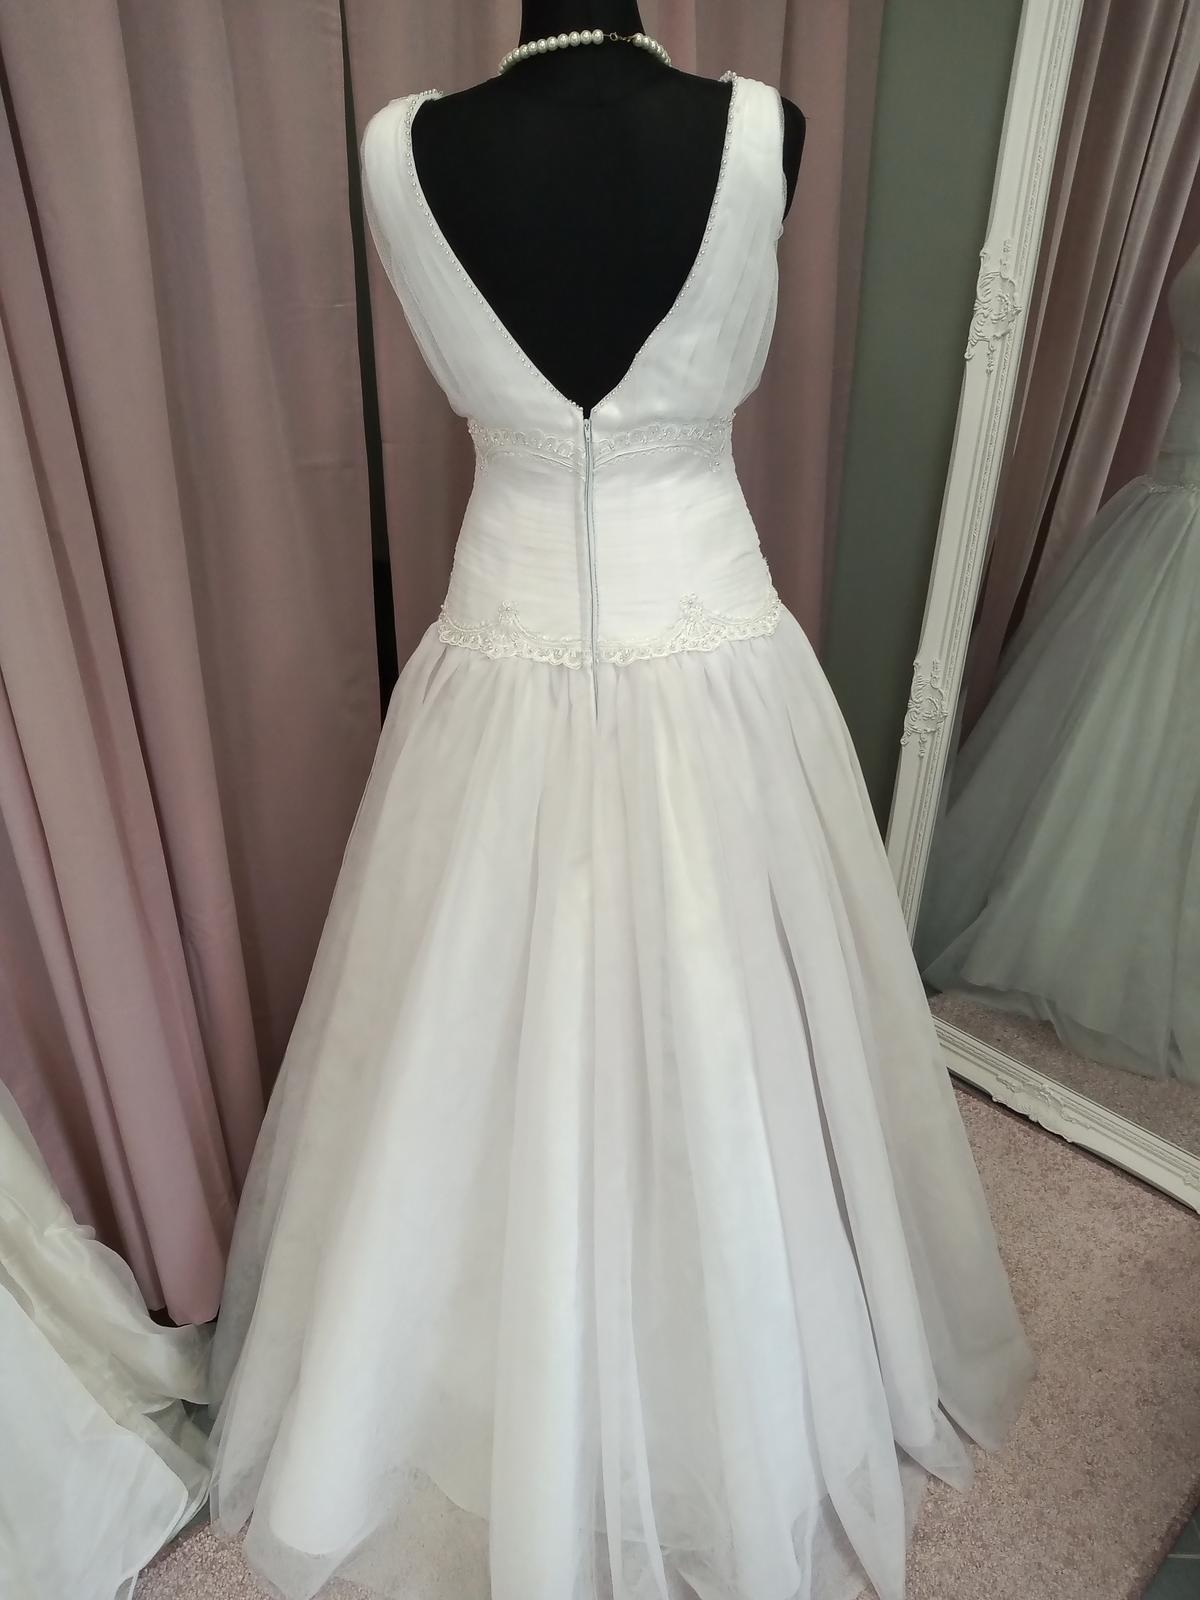 Biele tylové šaty - Obrázok č. 1